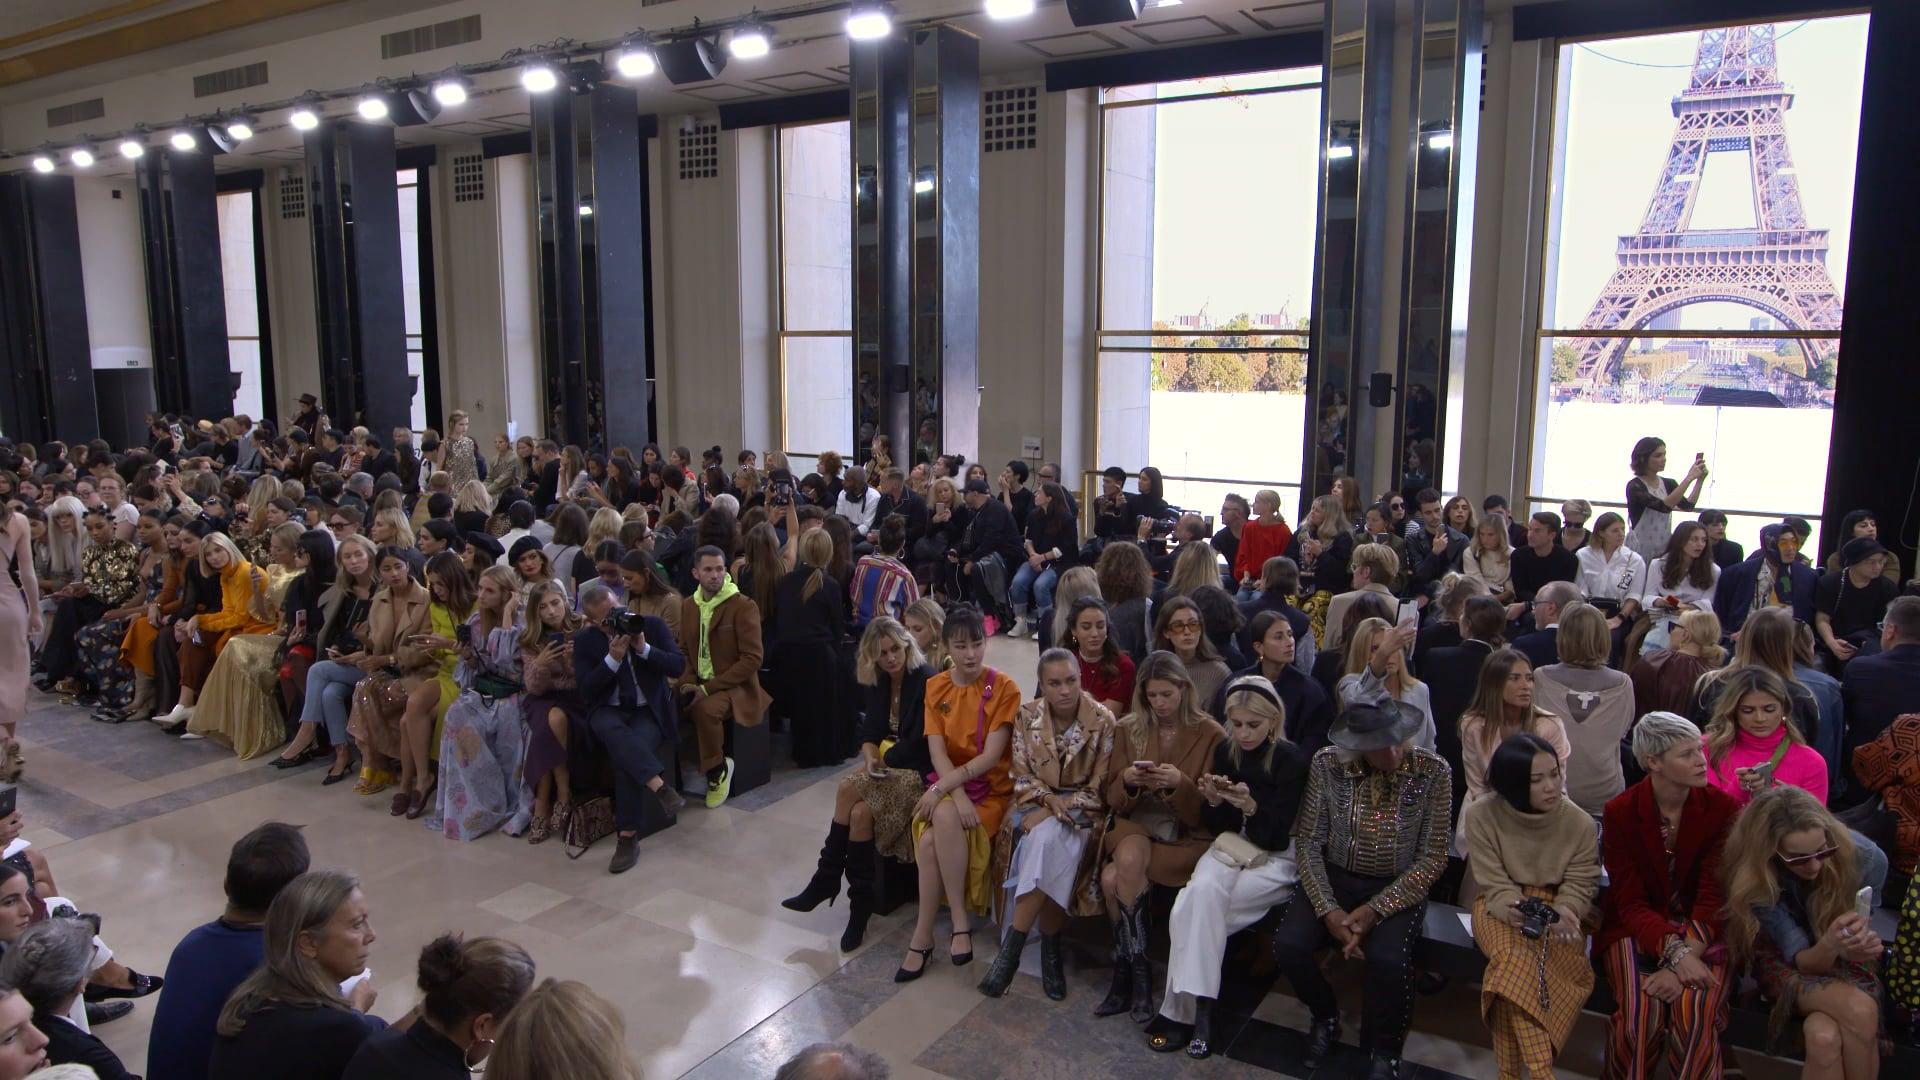 rochas pap pe 2019 théâtre de chaillot paris fashion week